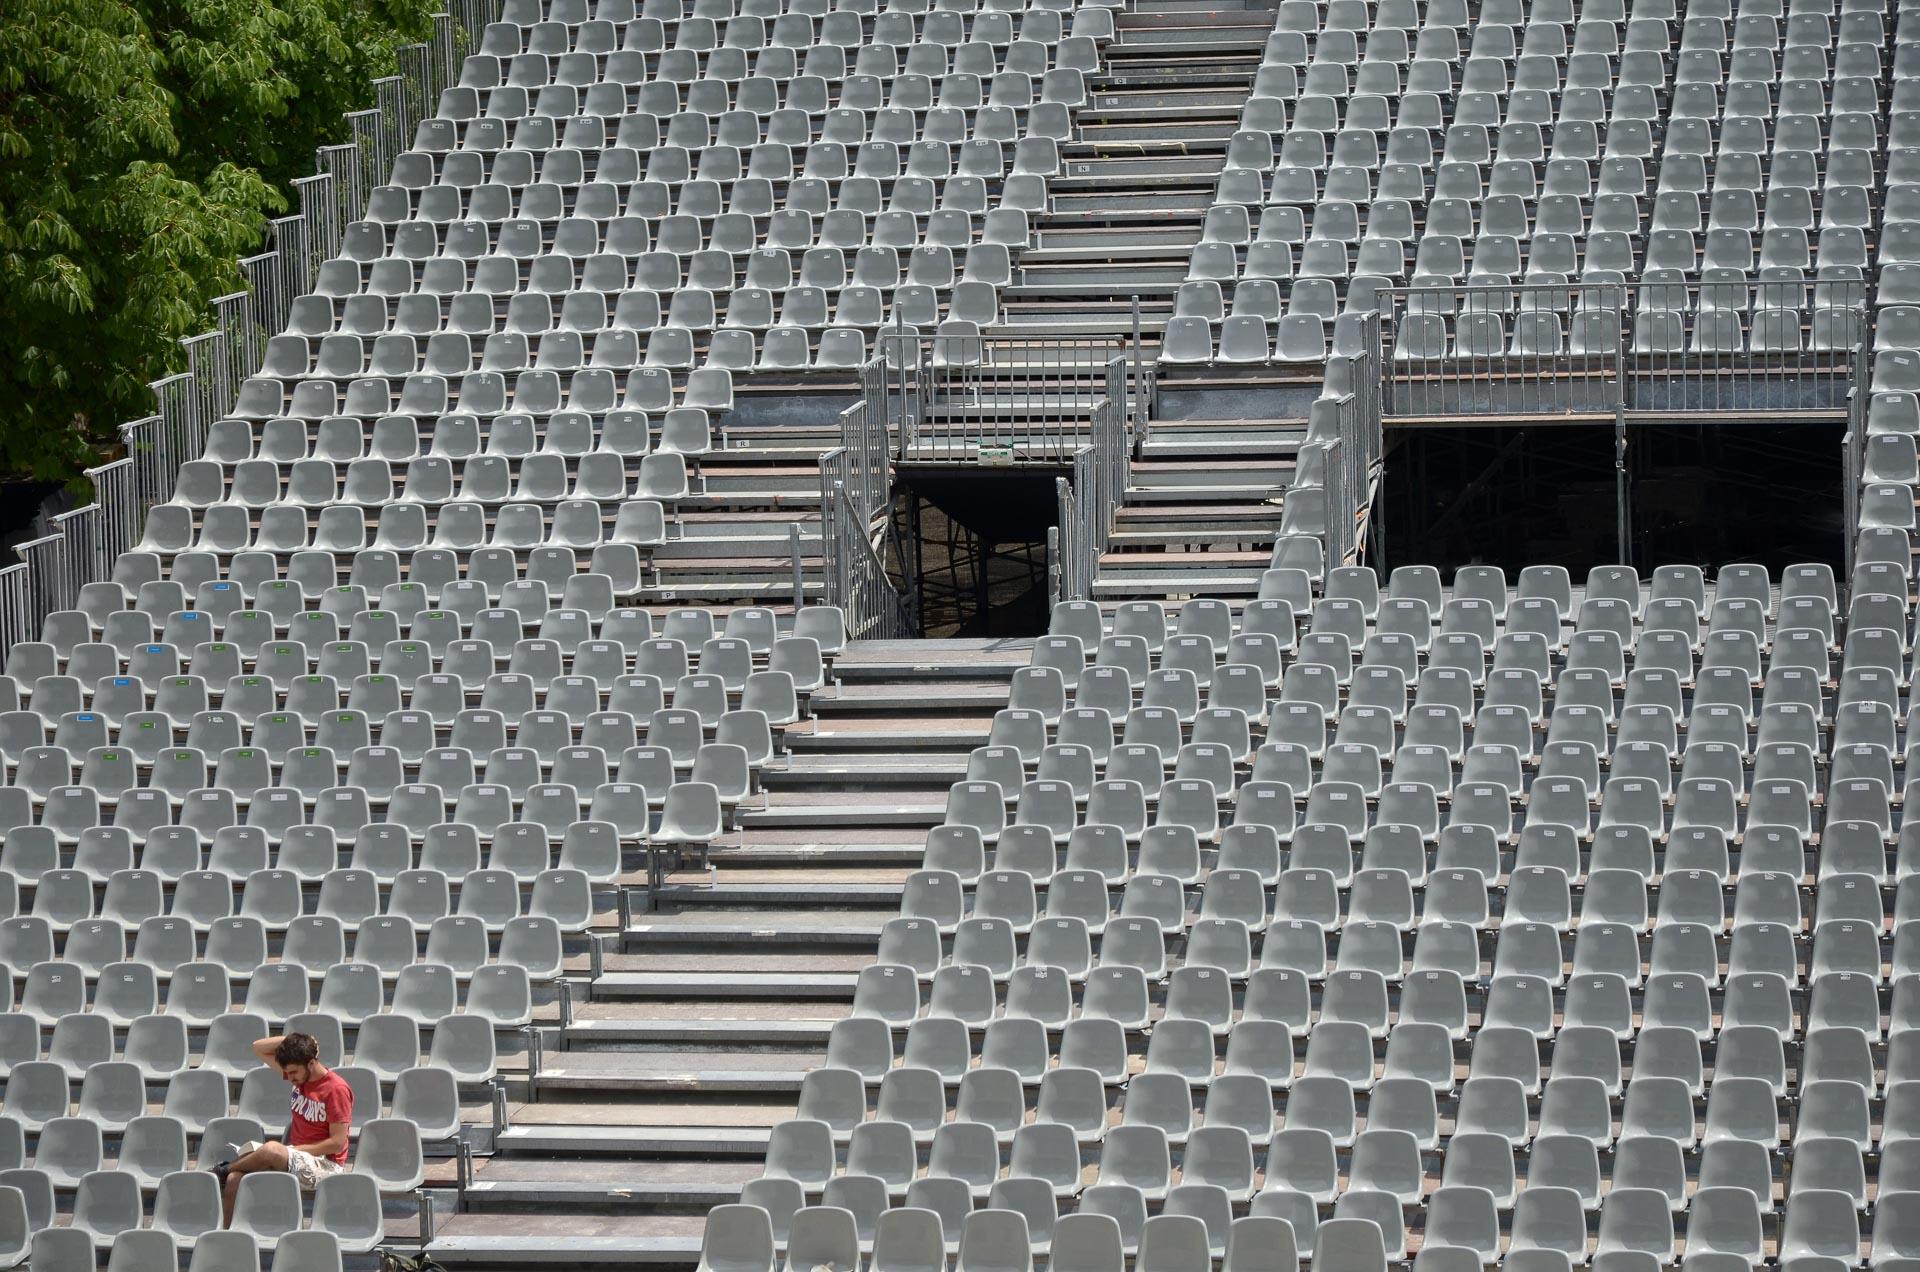 BDM2018-04-6.Platz-Stadion-Gerd